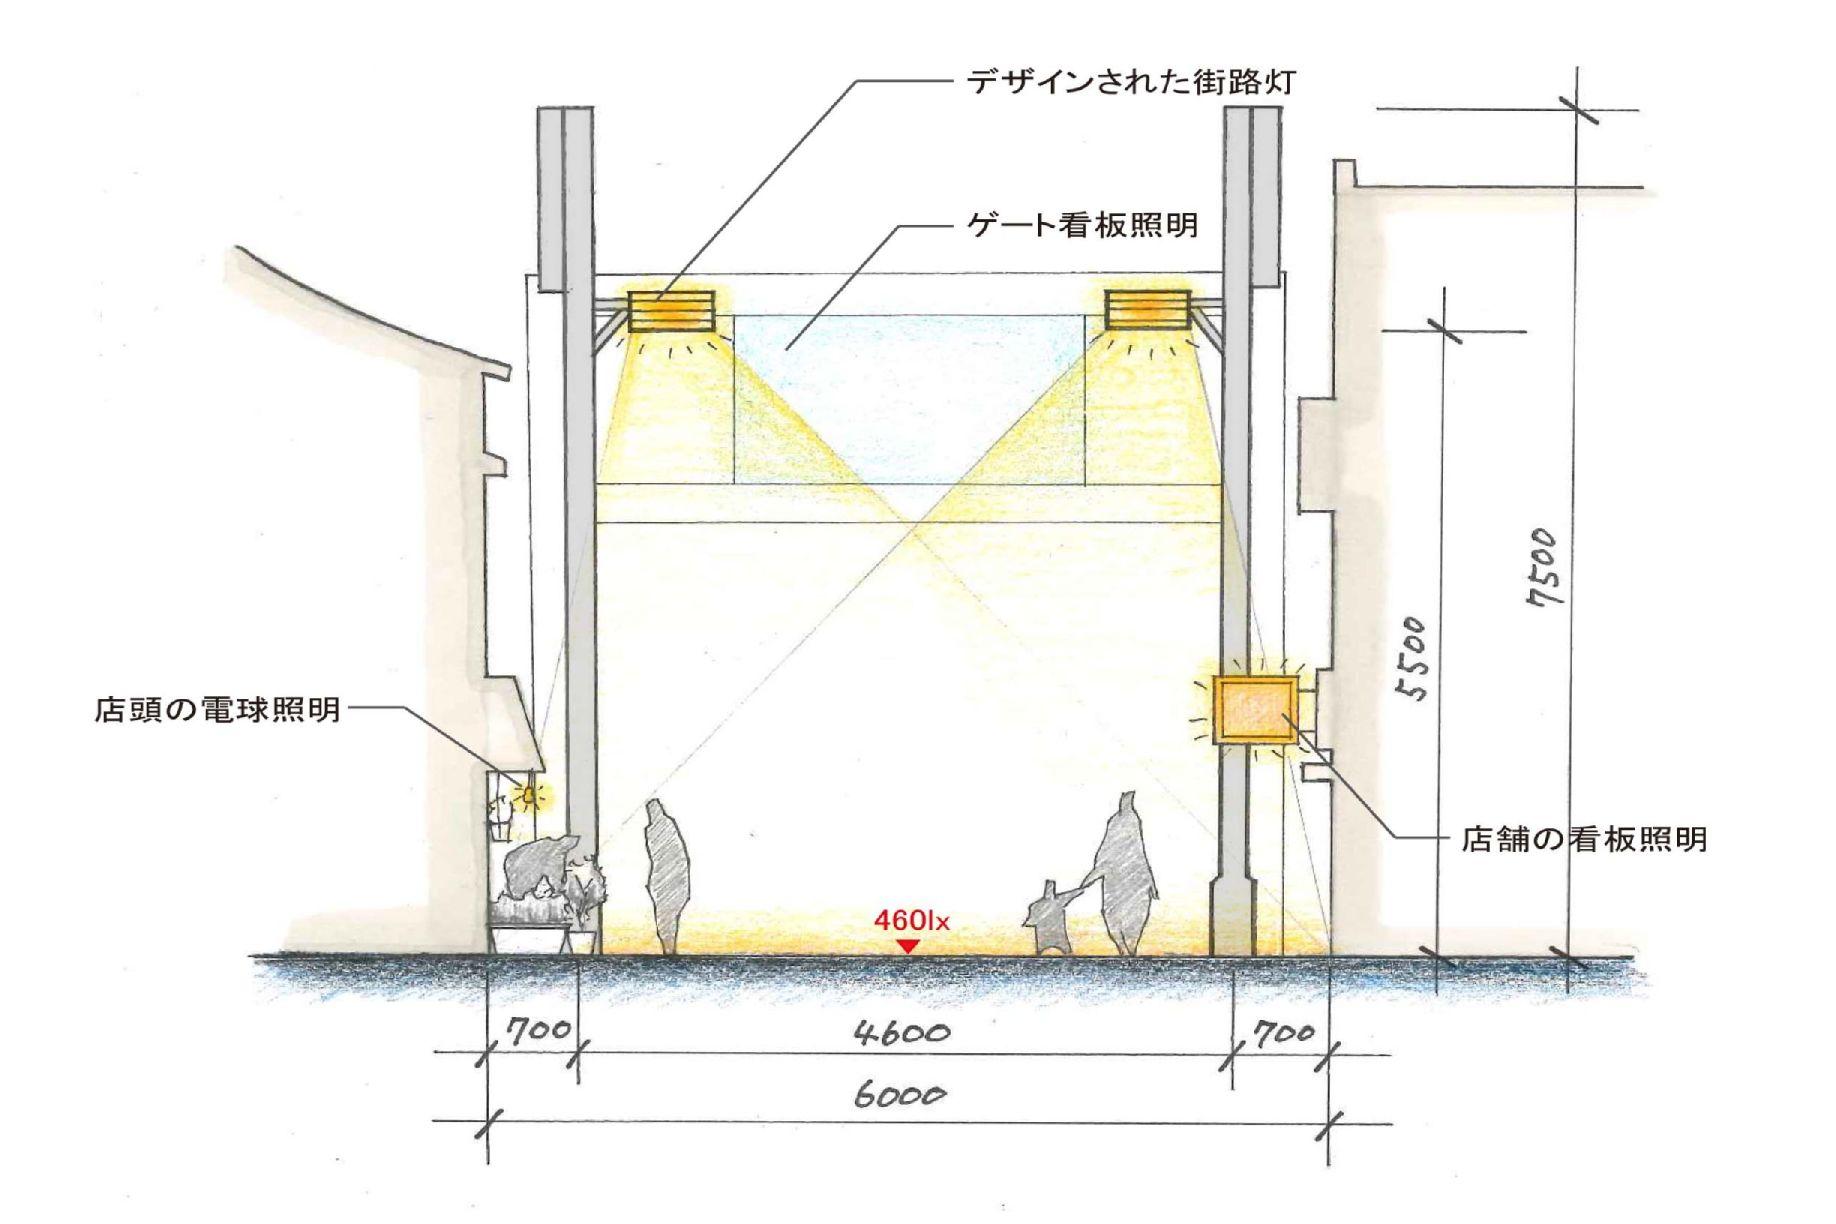 東京調査断面スケッチ